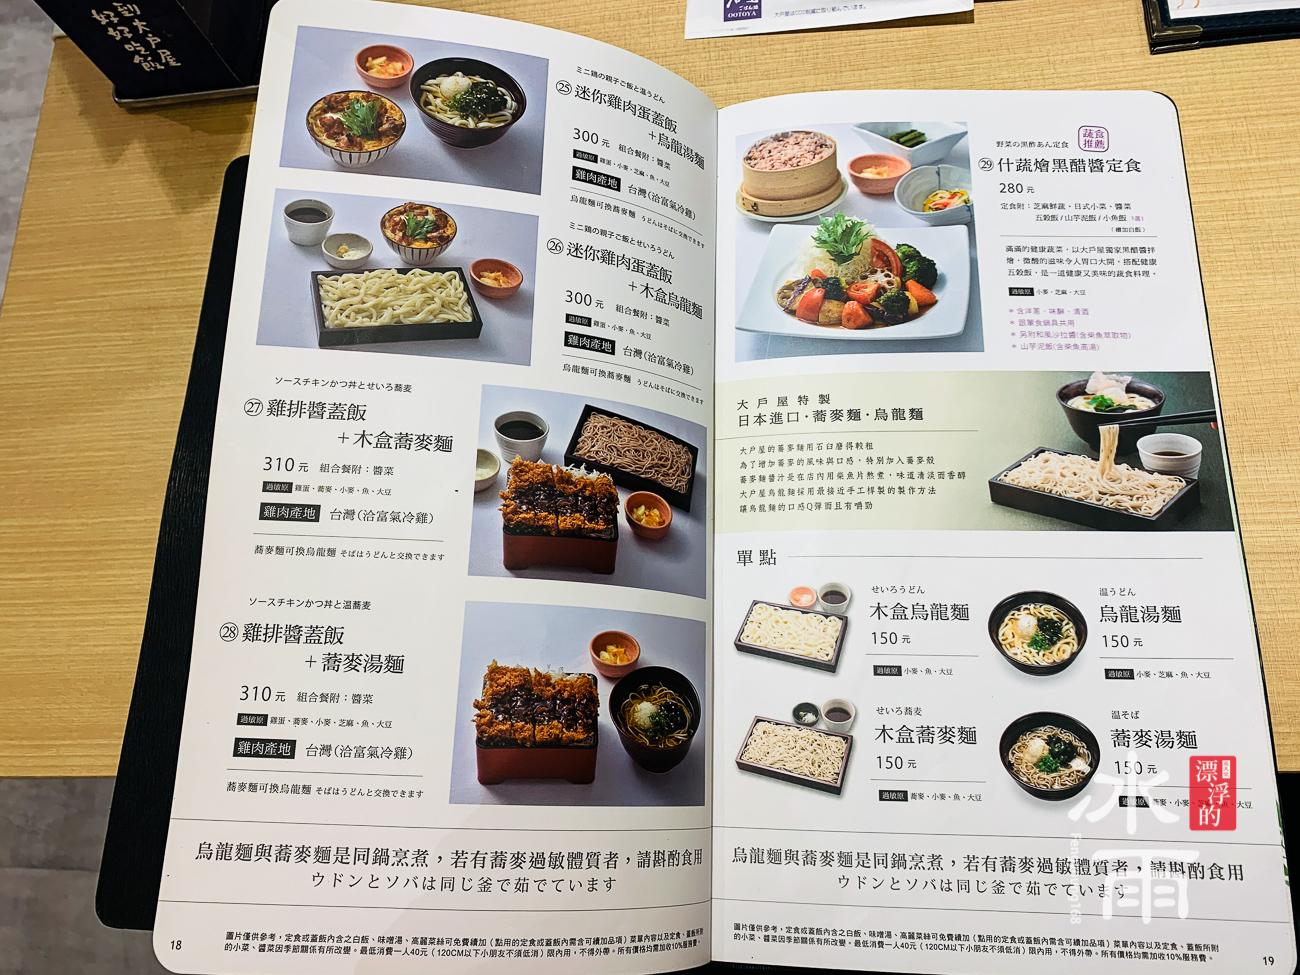 蘆洲家樂福大戶屋|菜單10